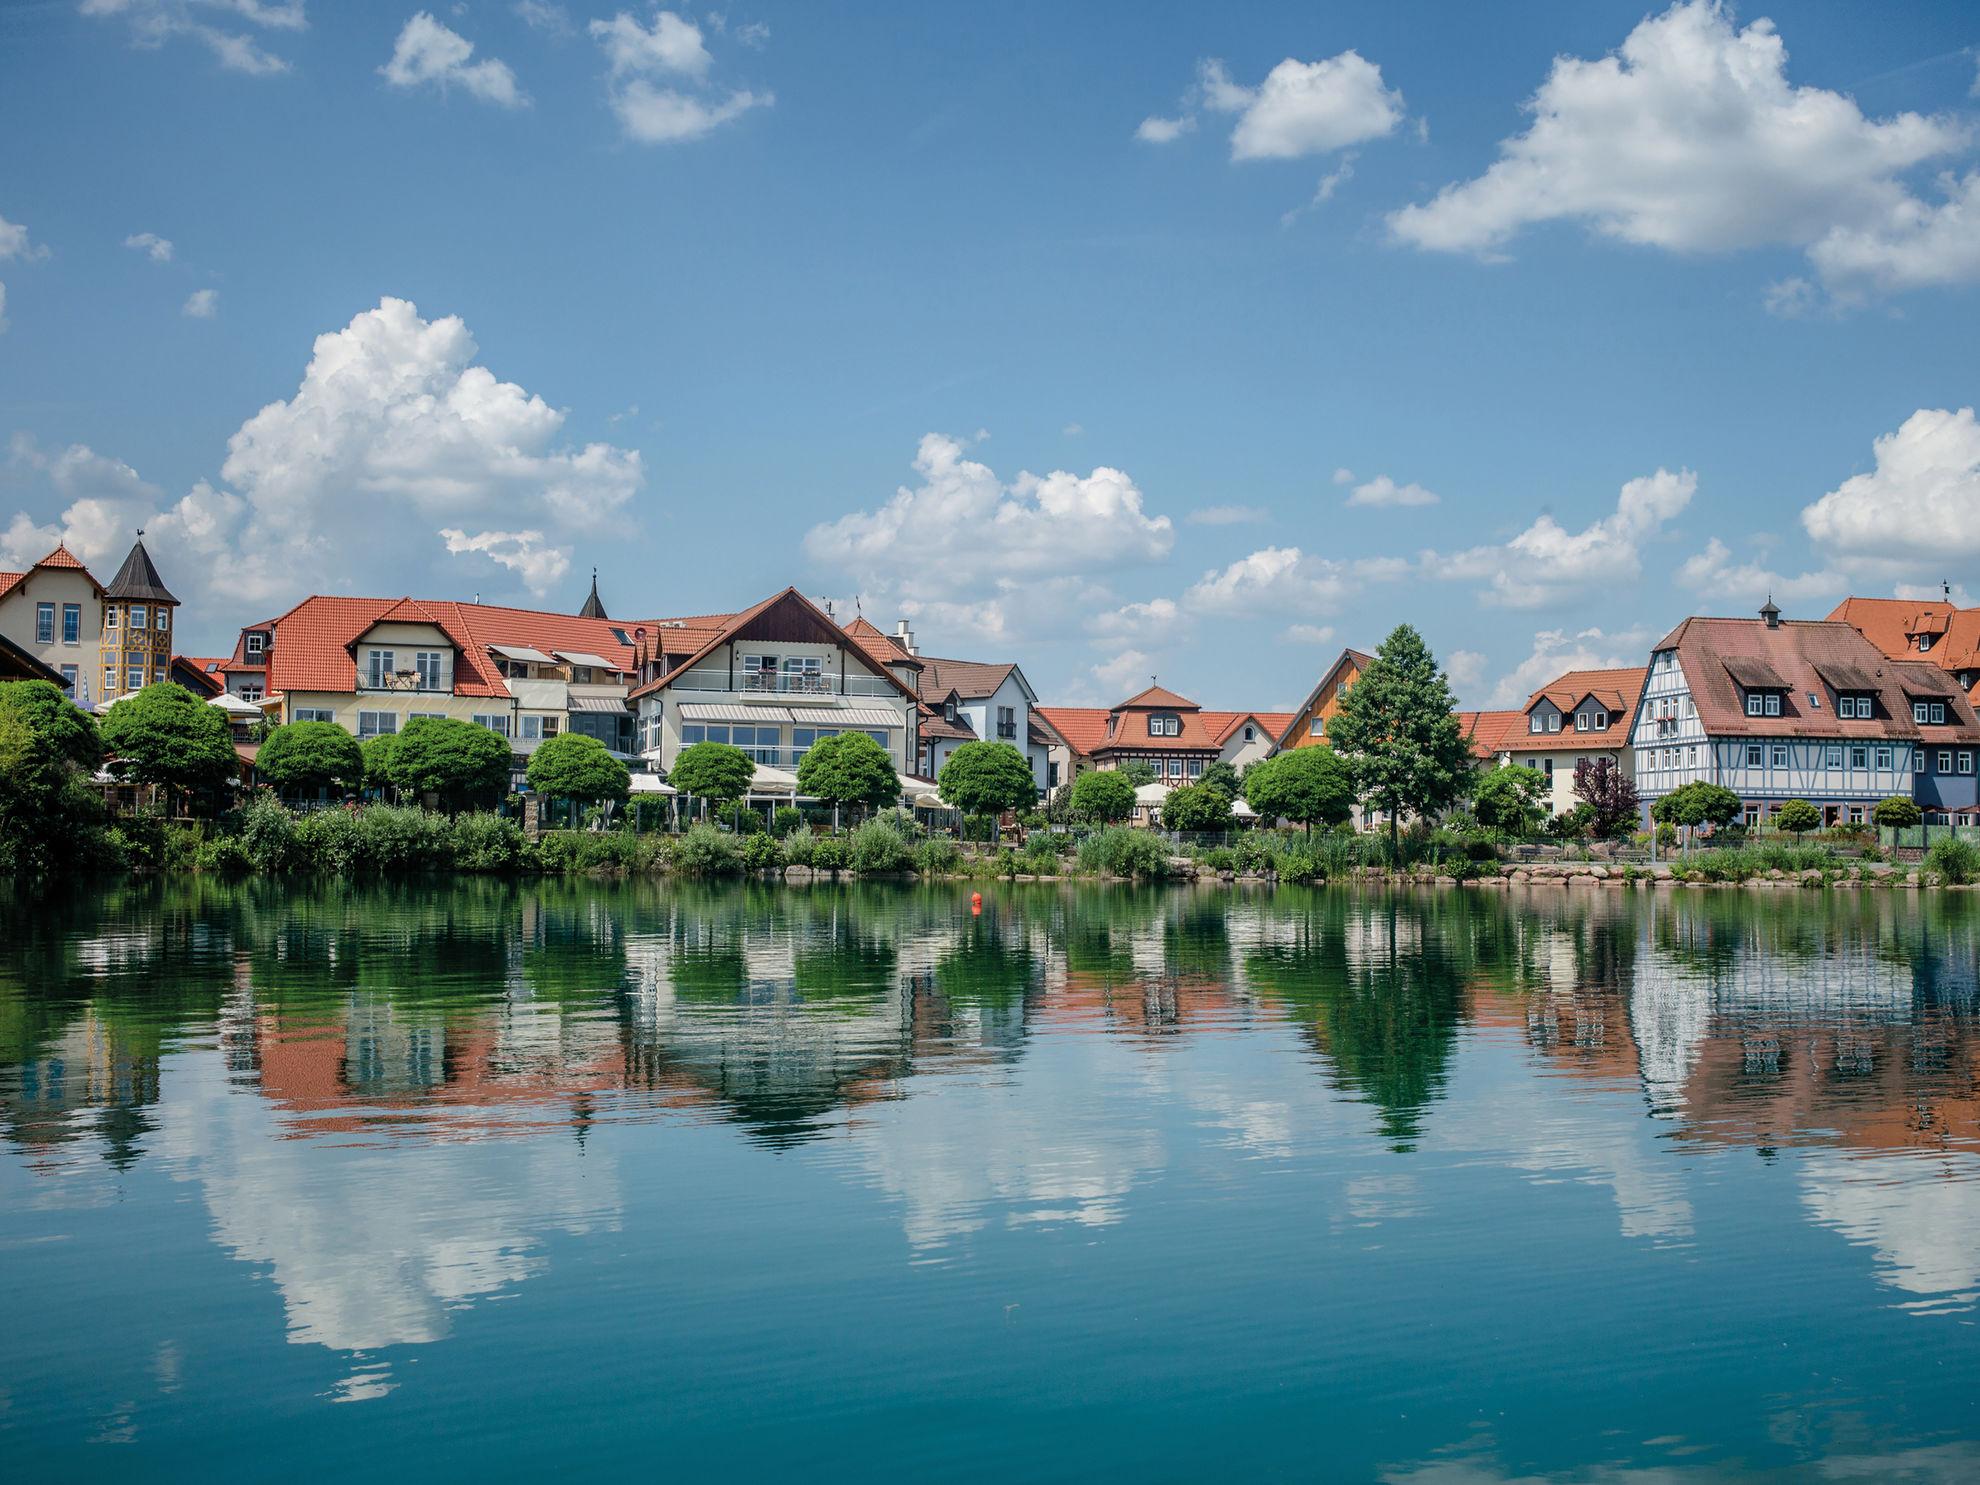 Abb. Hotel Seehotel Niedernberg - Das Dorf am See